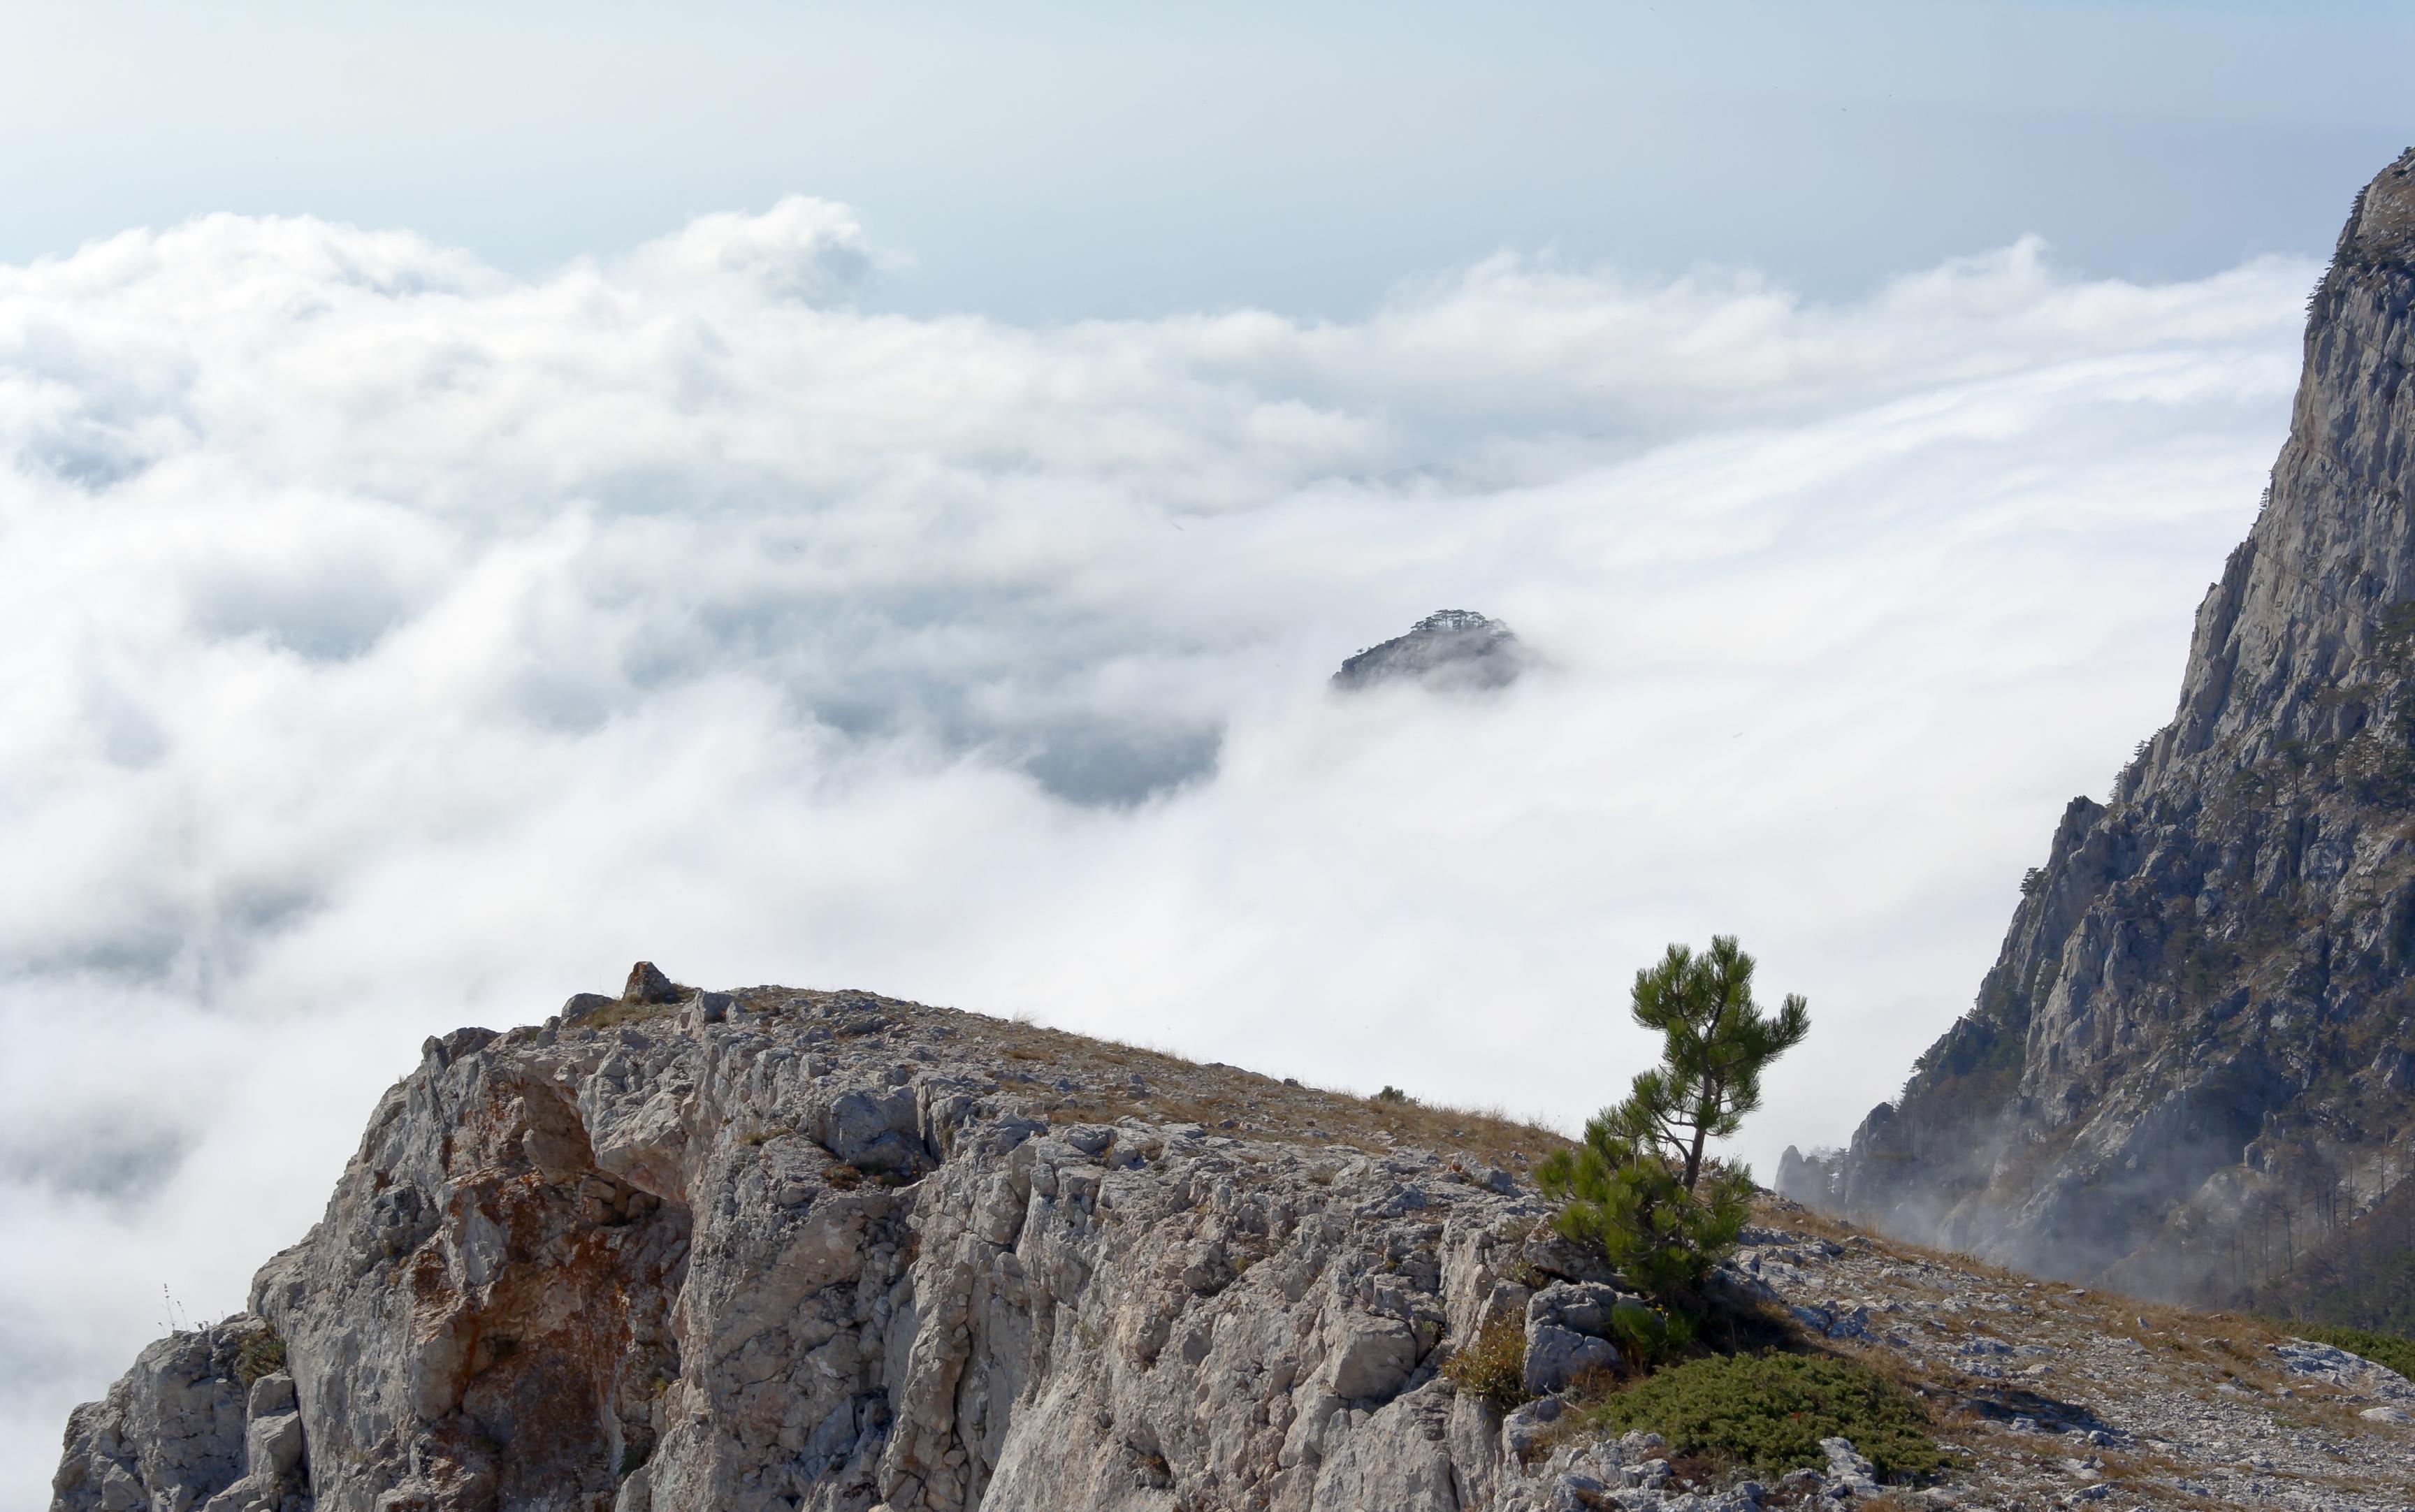 pine on a rock in the clouds. Crimea, Ukraine.